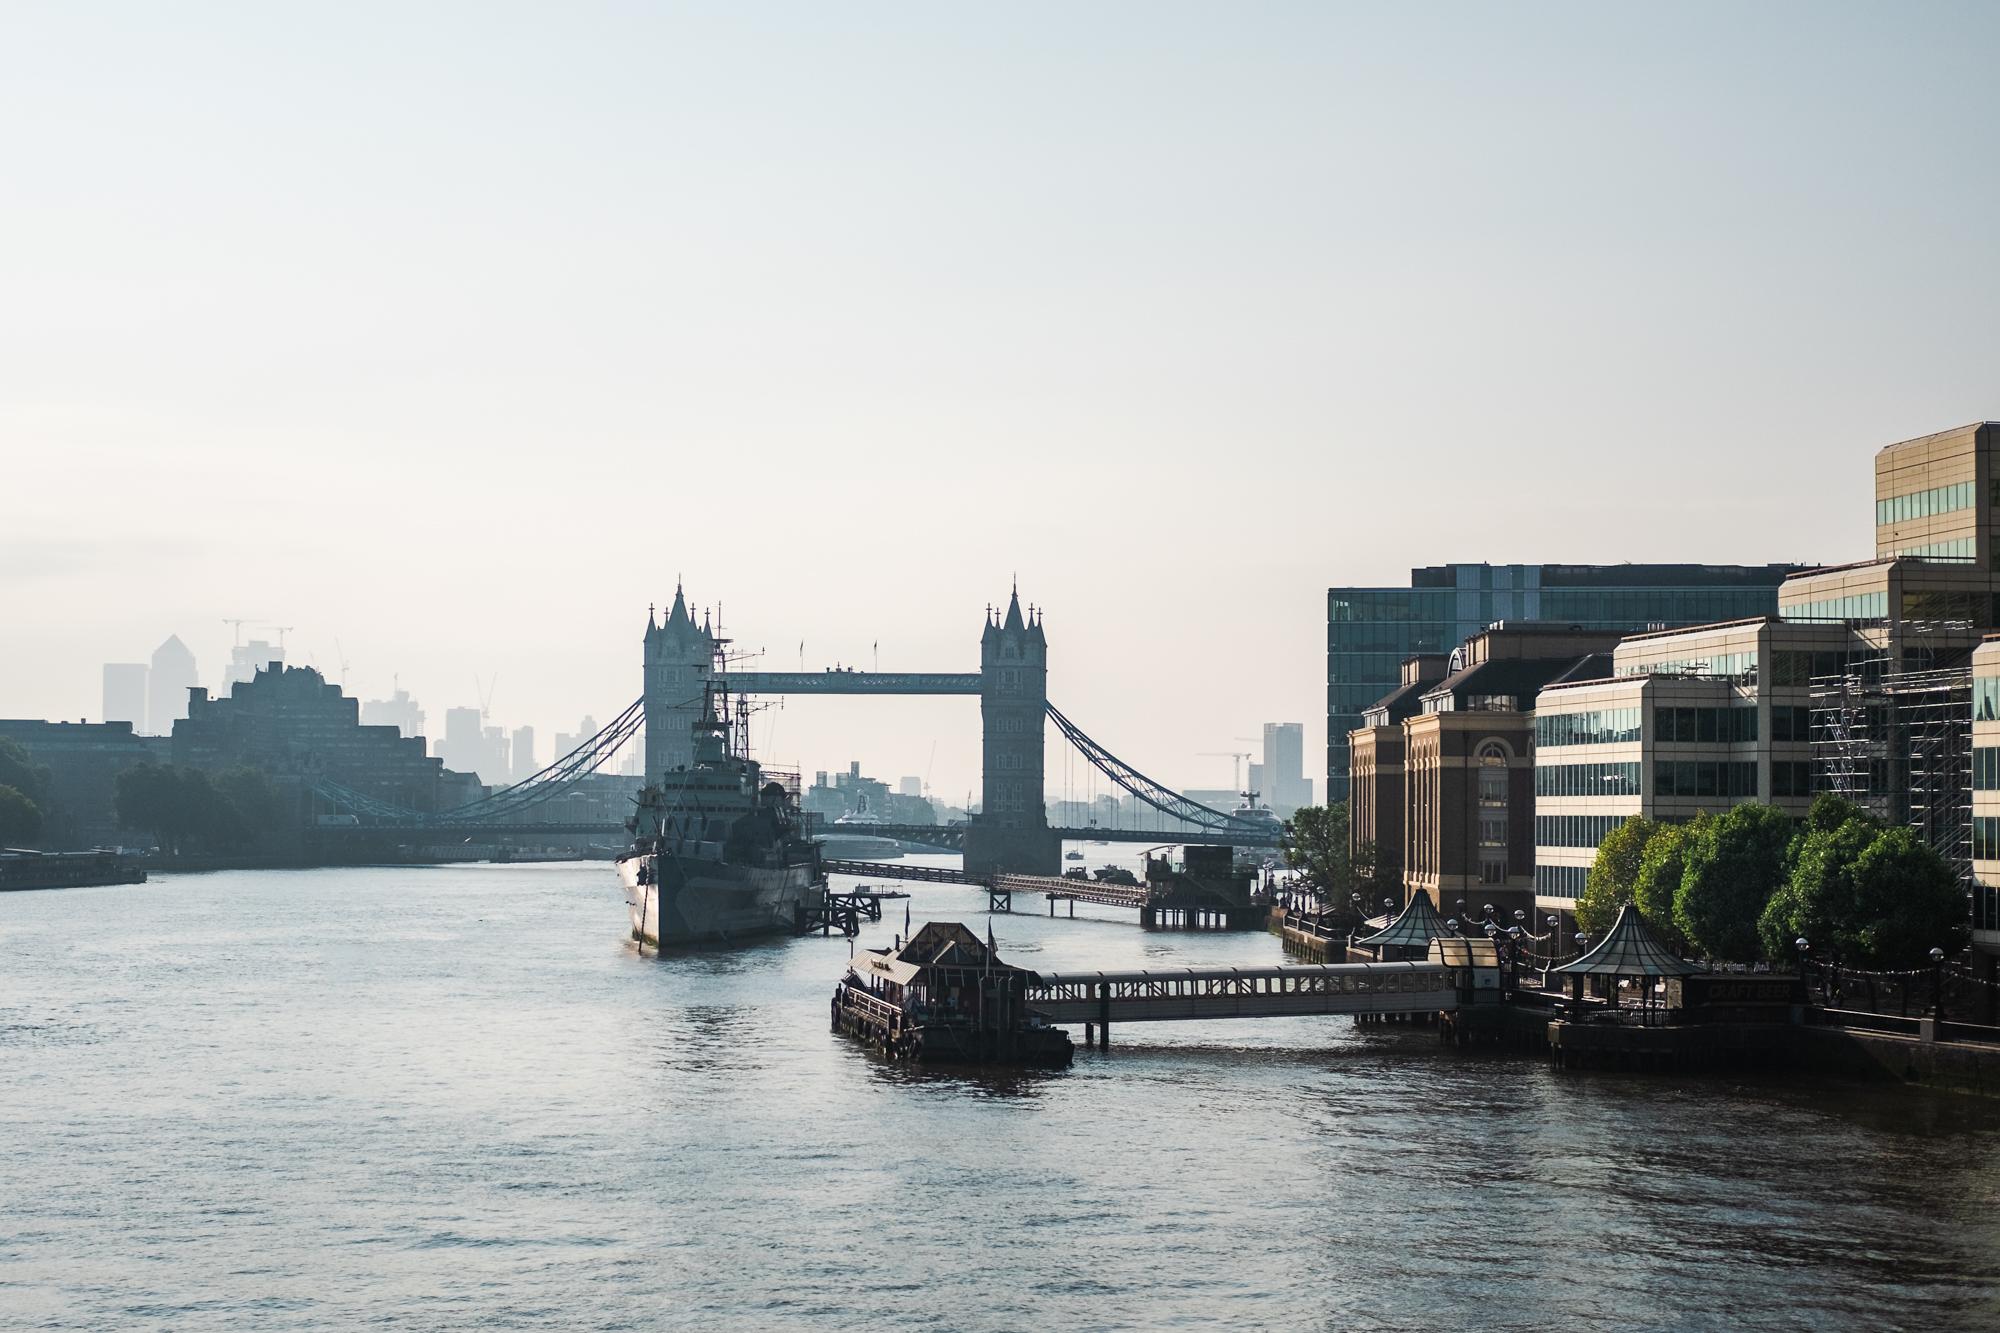 Tower Bridge and HMS Belfast at sunrise | Fujifilm X-T10 | XF35mmF2 | 35mm | 1/20,000 second | f/2 | ISO200